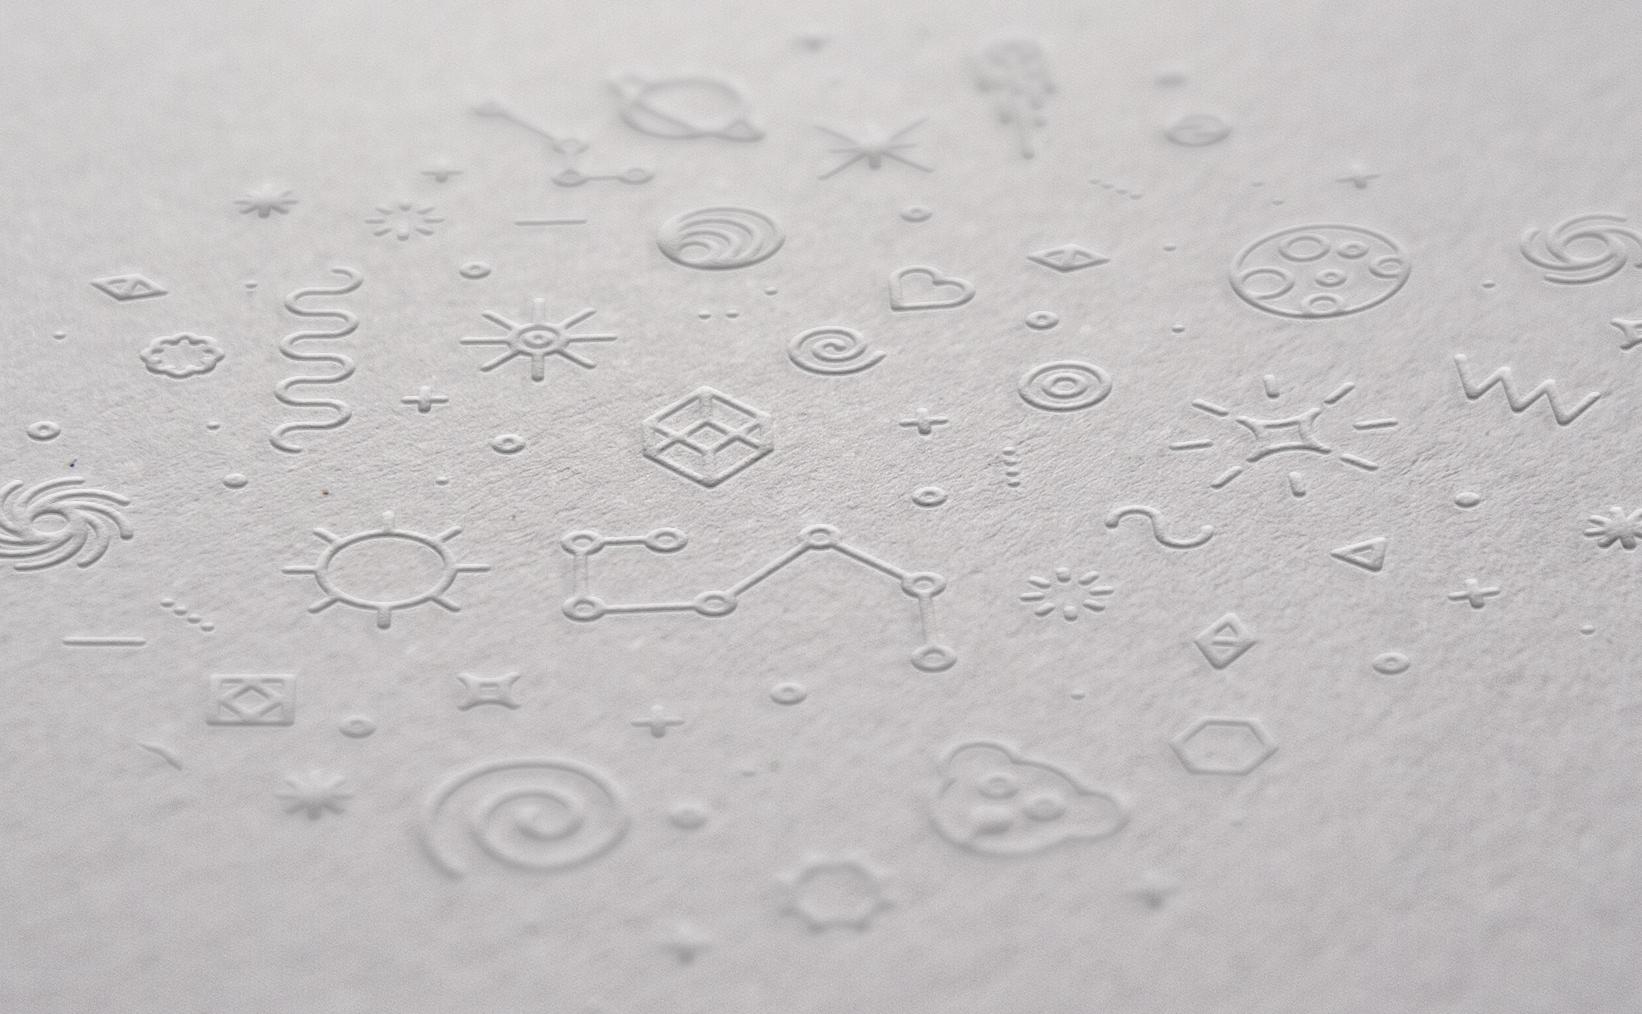 Kalian_Branding_Pixie_Dust_Pattern2.jpg